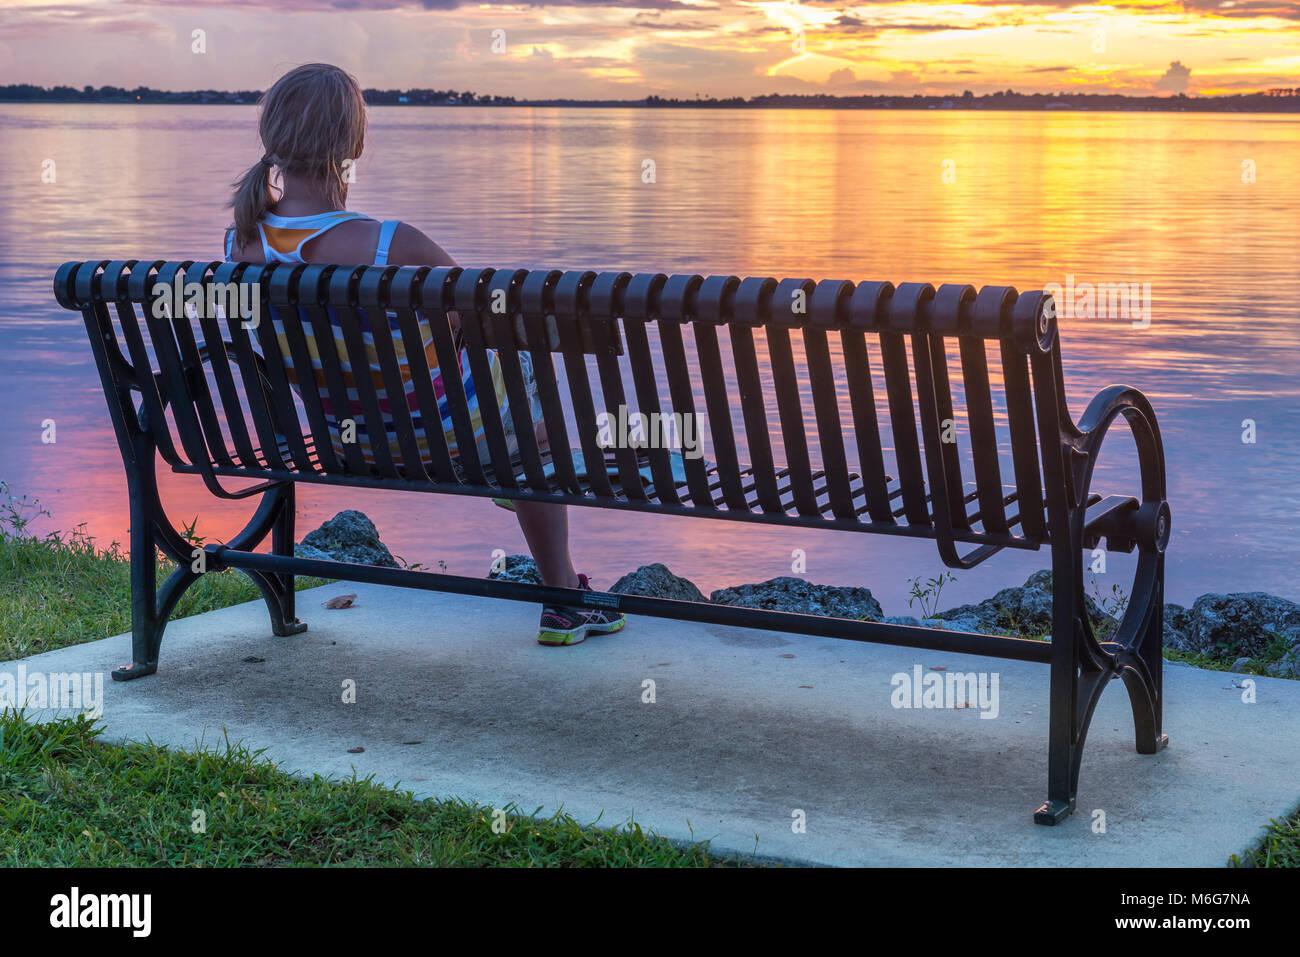 USA,Florida, Mount Dora, solnedgång, pir, sjö, semester, njuta, stillhet, lila, parkbänk, personer, Sunset, pier, Stock Photo